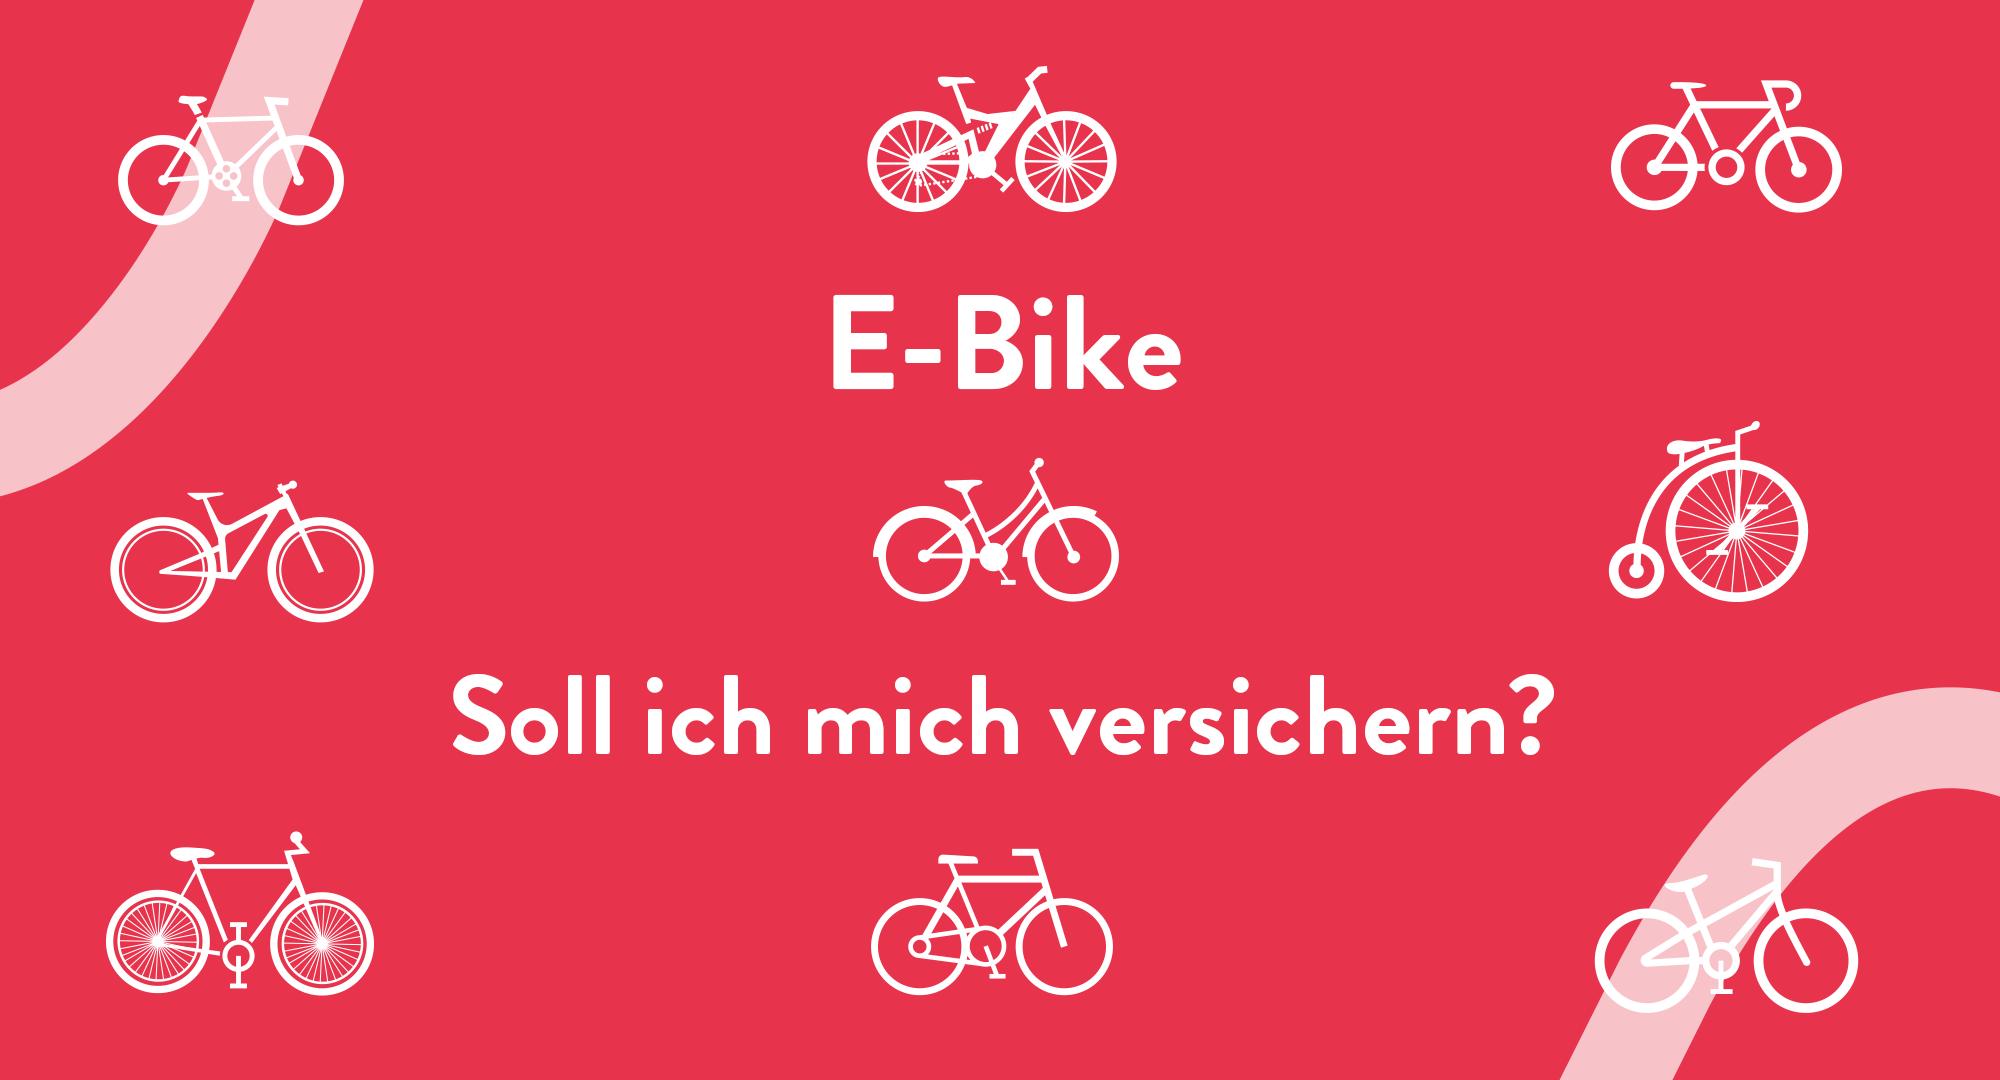 Rote Grafik mit Fahrrad Symbolen und Überschrift: EBike, Soll ich mich versichern?